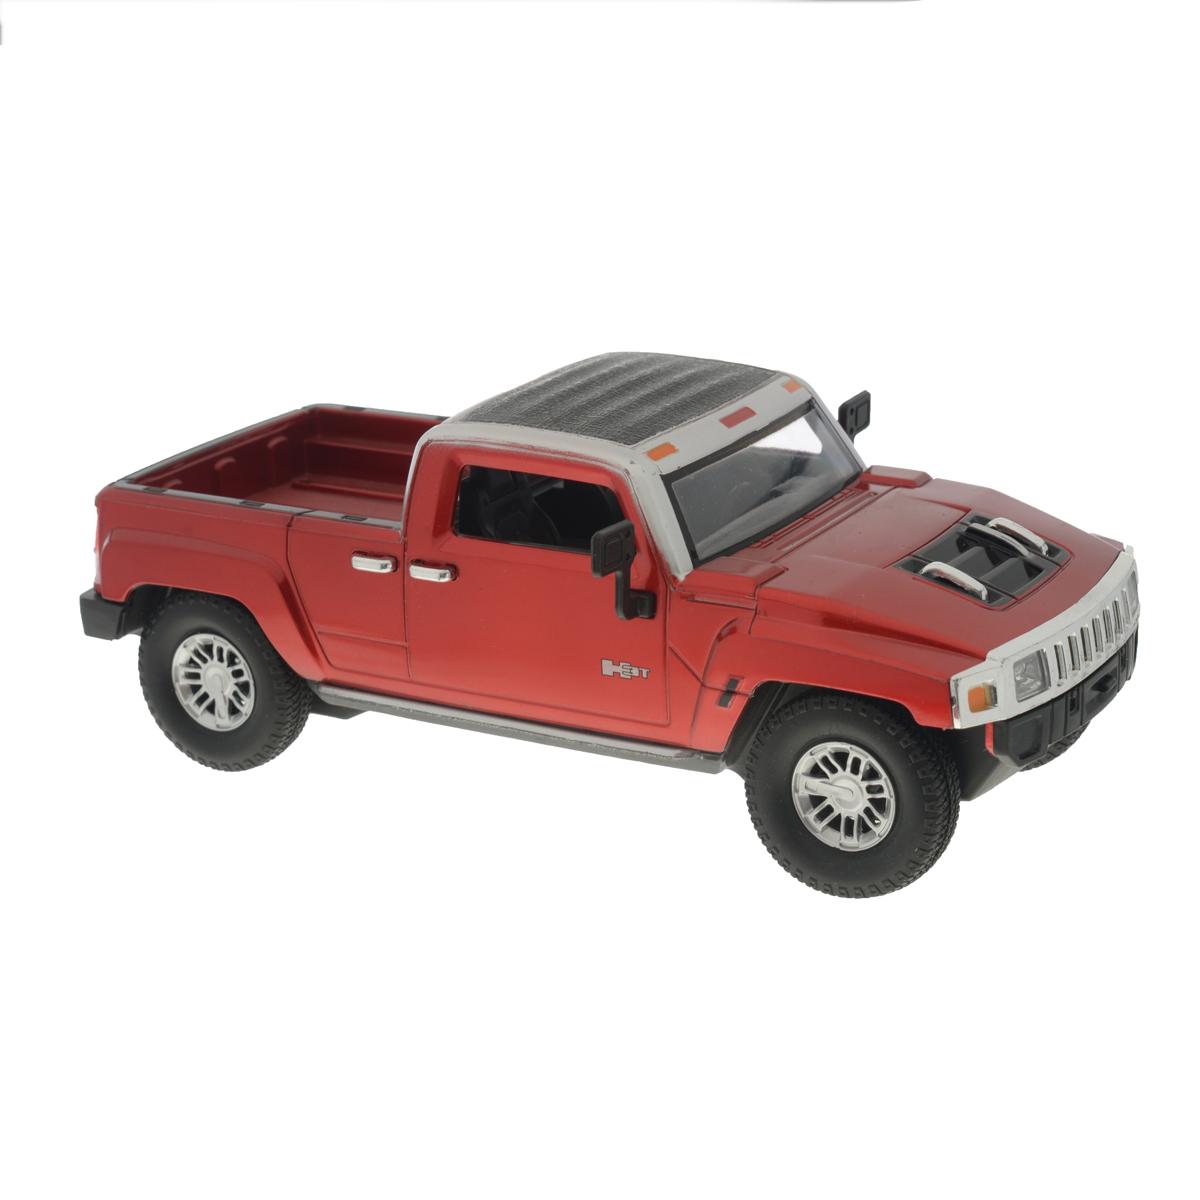 Guokai Машинка инерционная Hummer цвет красный1120873/866-82433Инерционная машинка Guokai Hummer, выполненная из высококачественного пластика, станет любимой игрушкой вашего малыша. Игрушка представляет собой модель пикапа марки Hummer. Игрушка оснащена инерционным ходом. Машинка может ехать как вперед, так и назад. Прорезиненные колеса обеспечивают надежное сцепление с любой гладкой поверхностью. При движении у машинки загораются фары. Ваш ребенок будет часами играть с этой игрушкой, придумывая различные истории. Порадуйте его таким замечательным подарком! Рекомендуется докупить 3 батарейки напряжением 1,5V типа АА (товар комплектуется демонстрационными).